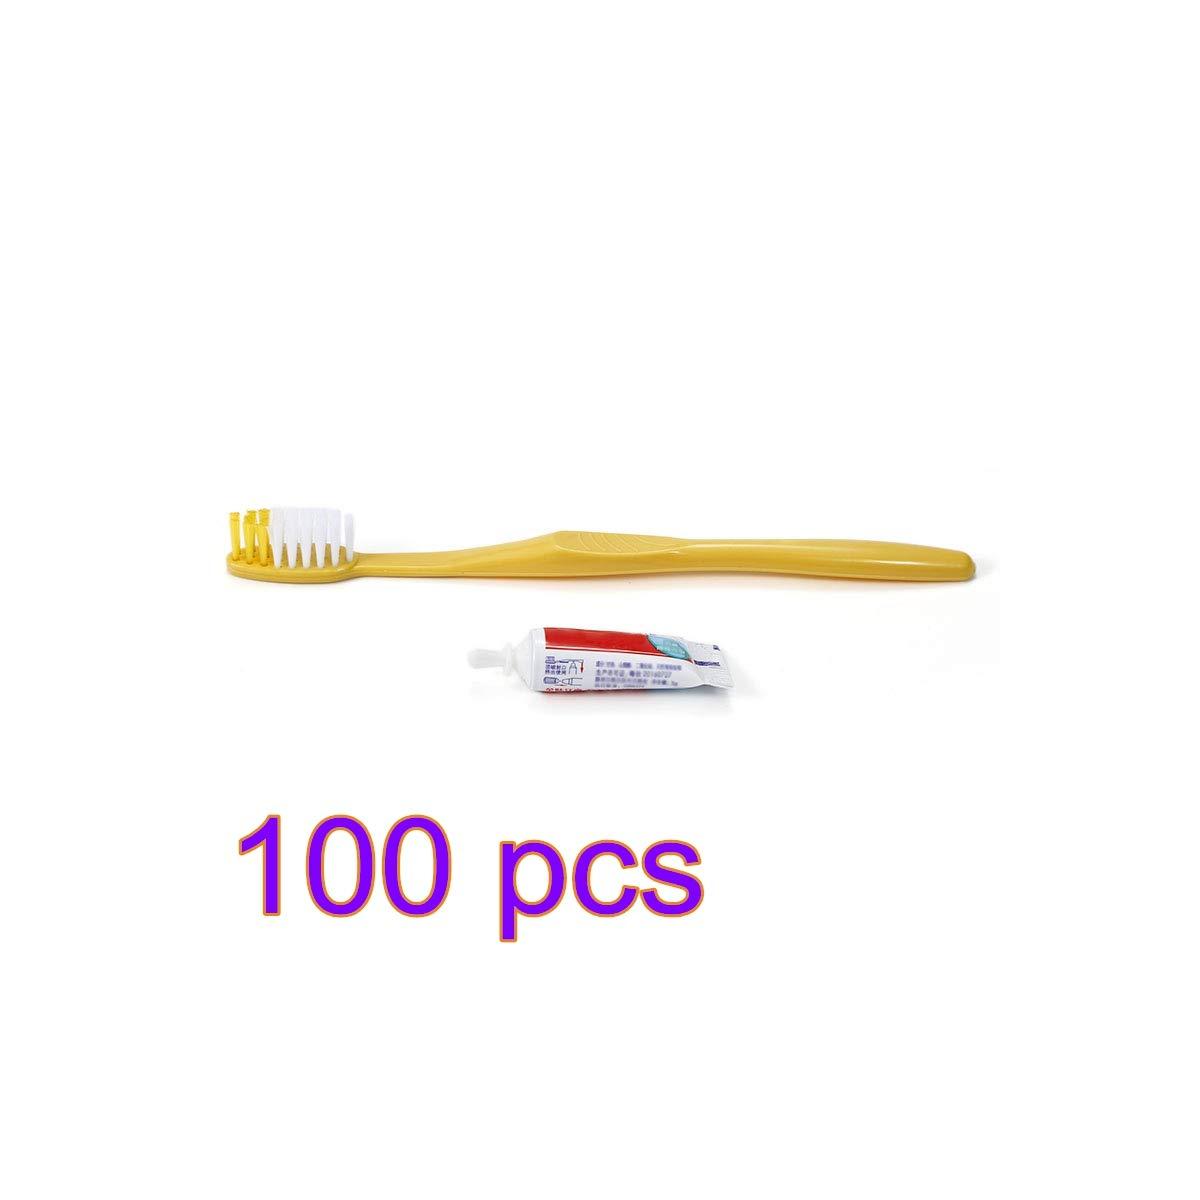 Pasta de dientes desechables envuelto individualmente para viajes (100 unidades): Amazon.es: Salud y cuidado personal